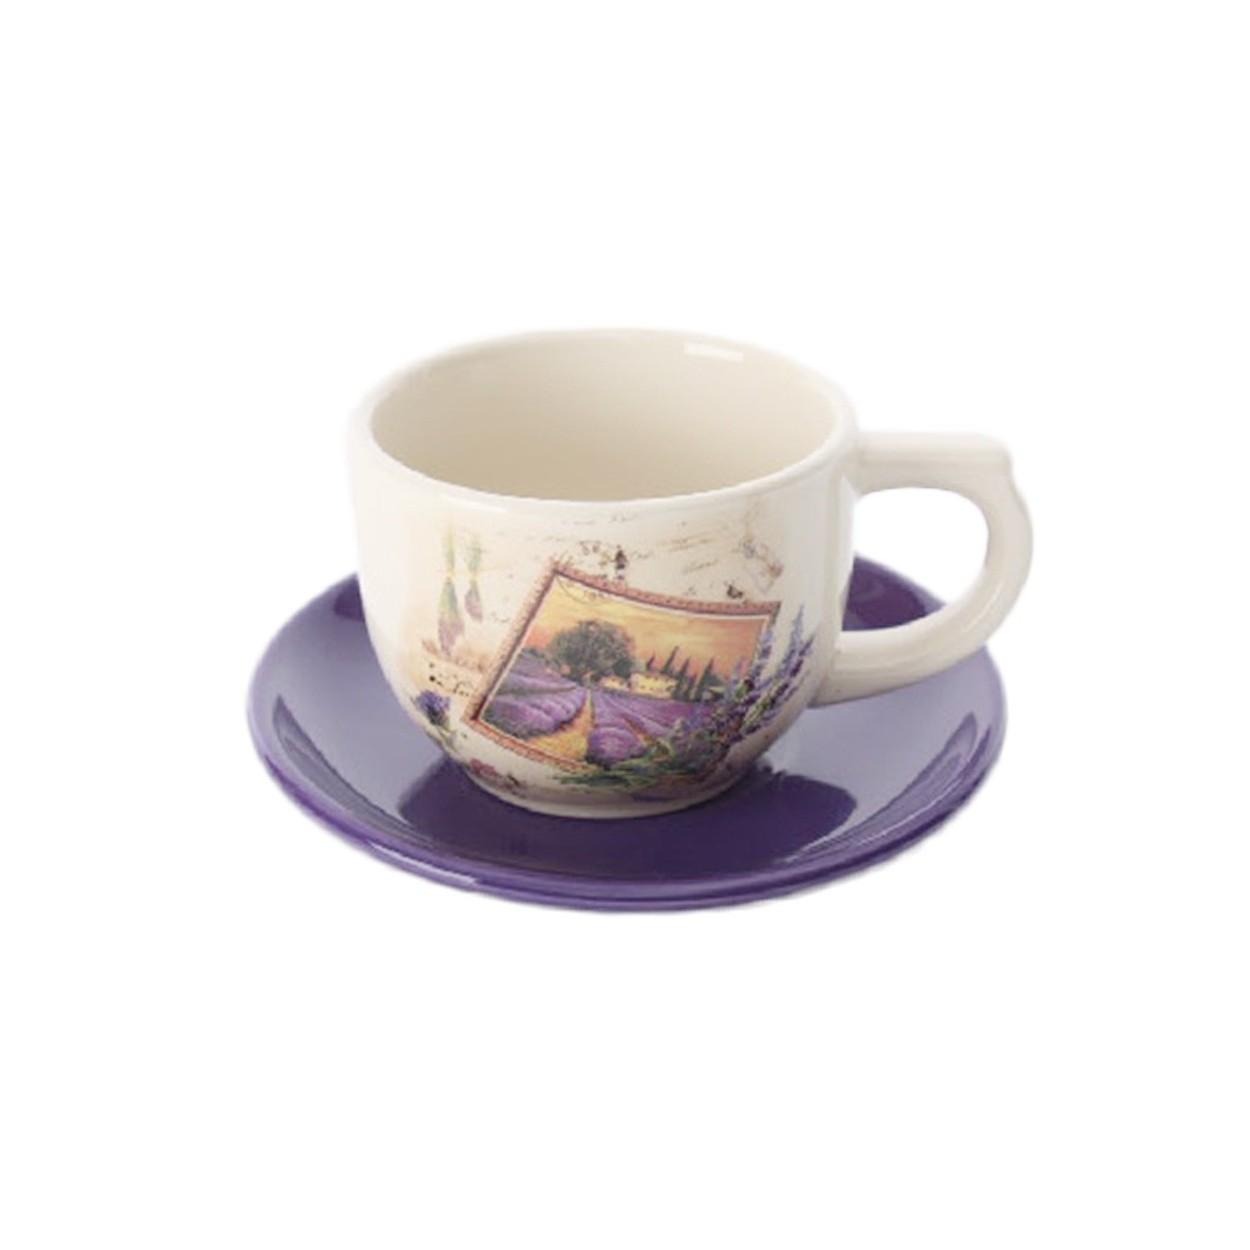 Taza y plato de cer mica lavanda hogar y m s - Platos ceramica colores ...